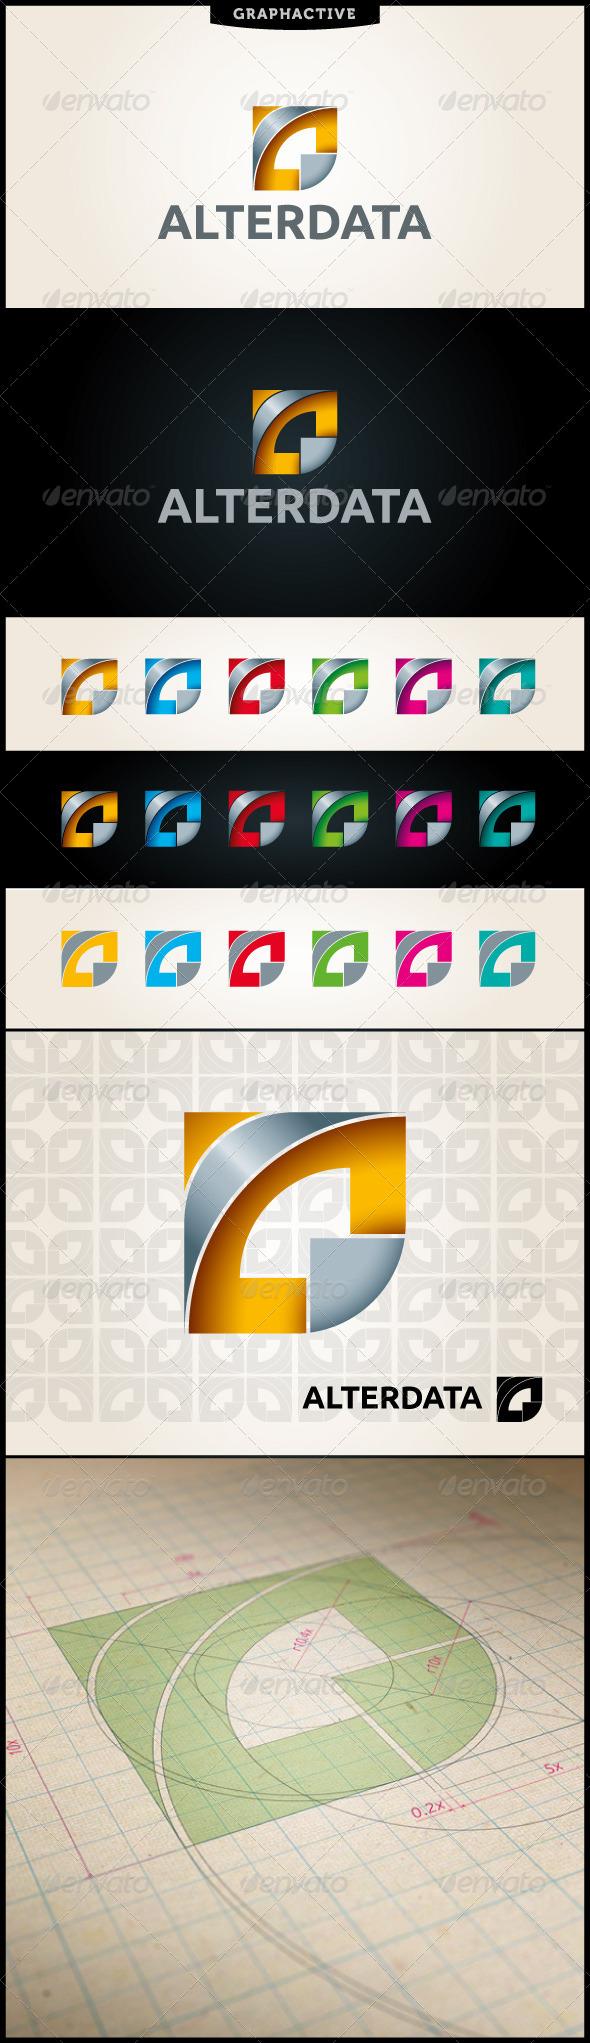 Alterdata Abstract Logo Template - Abstract Logo Templates